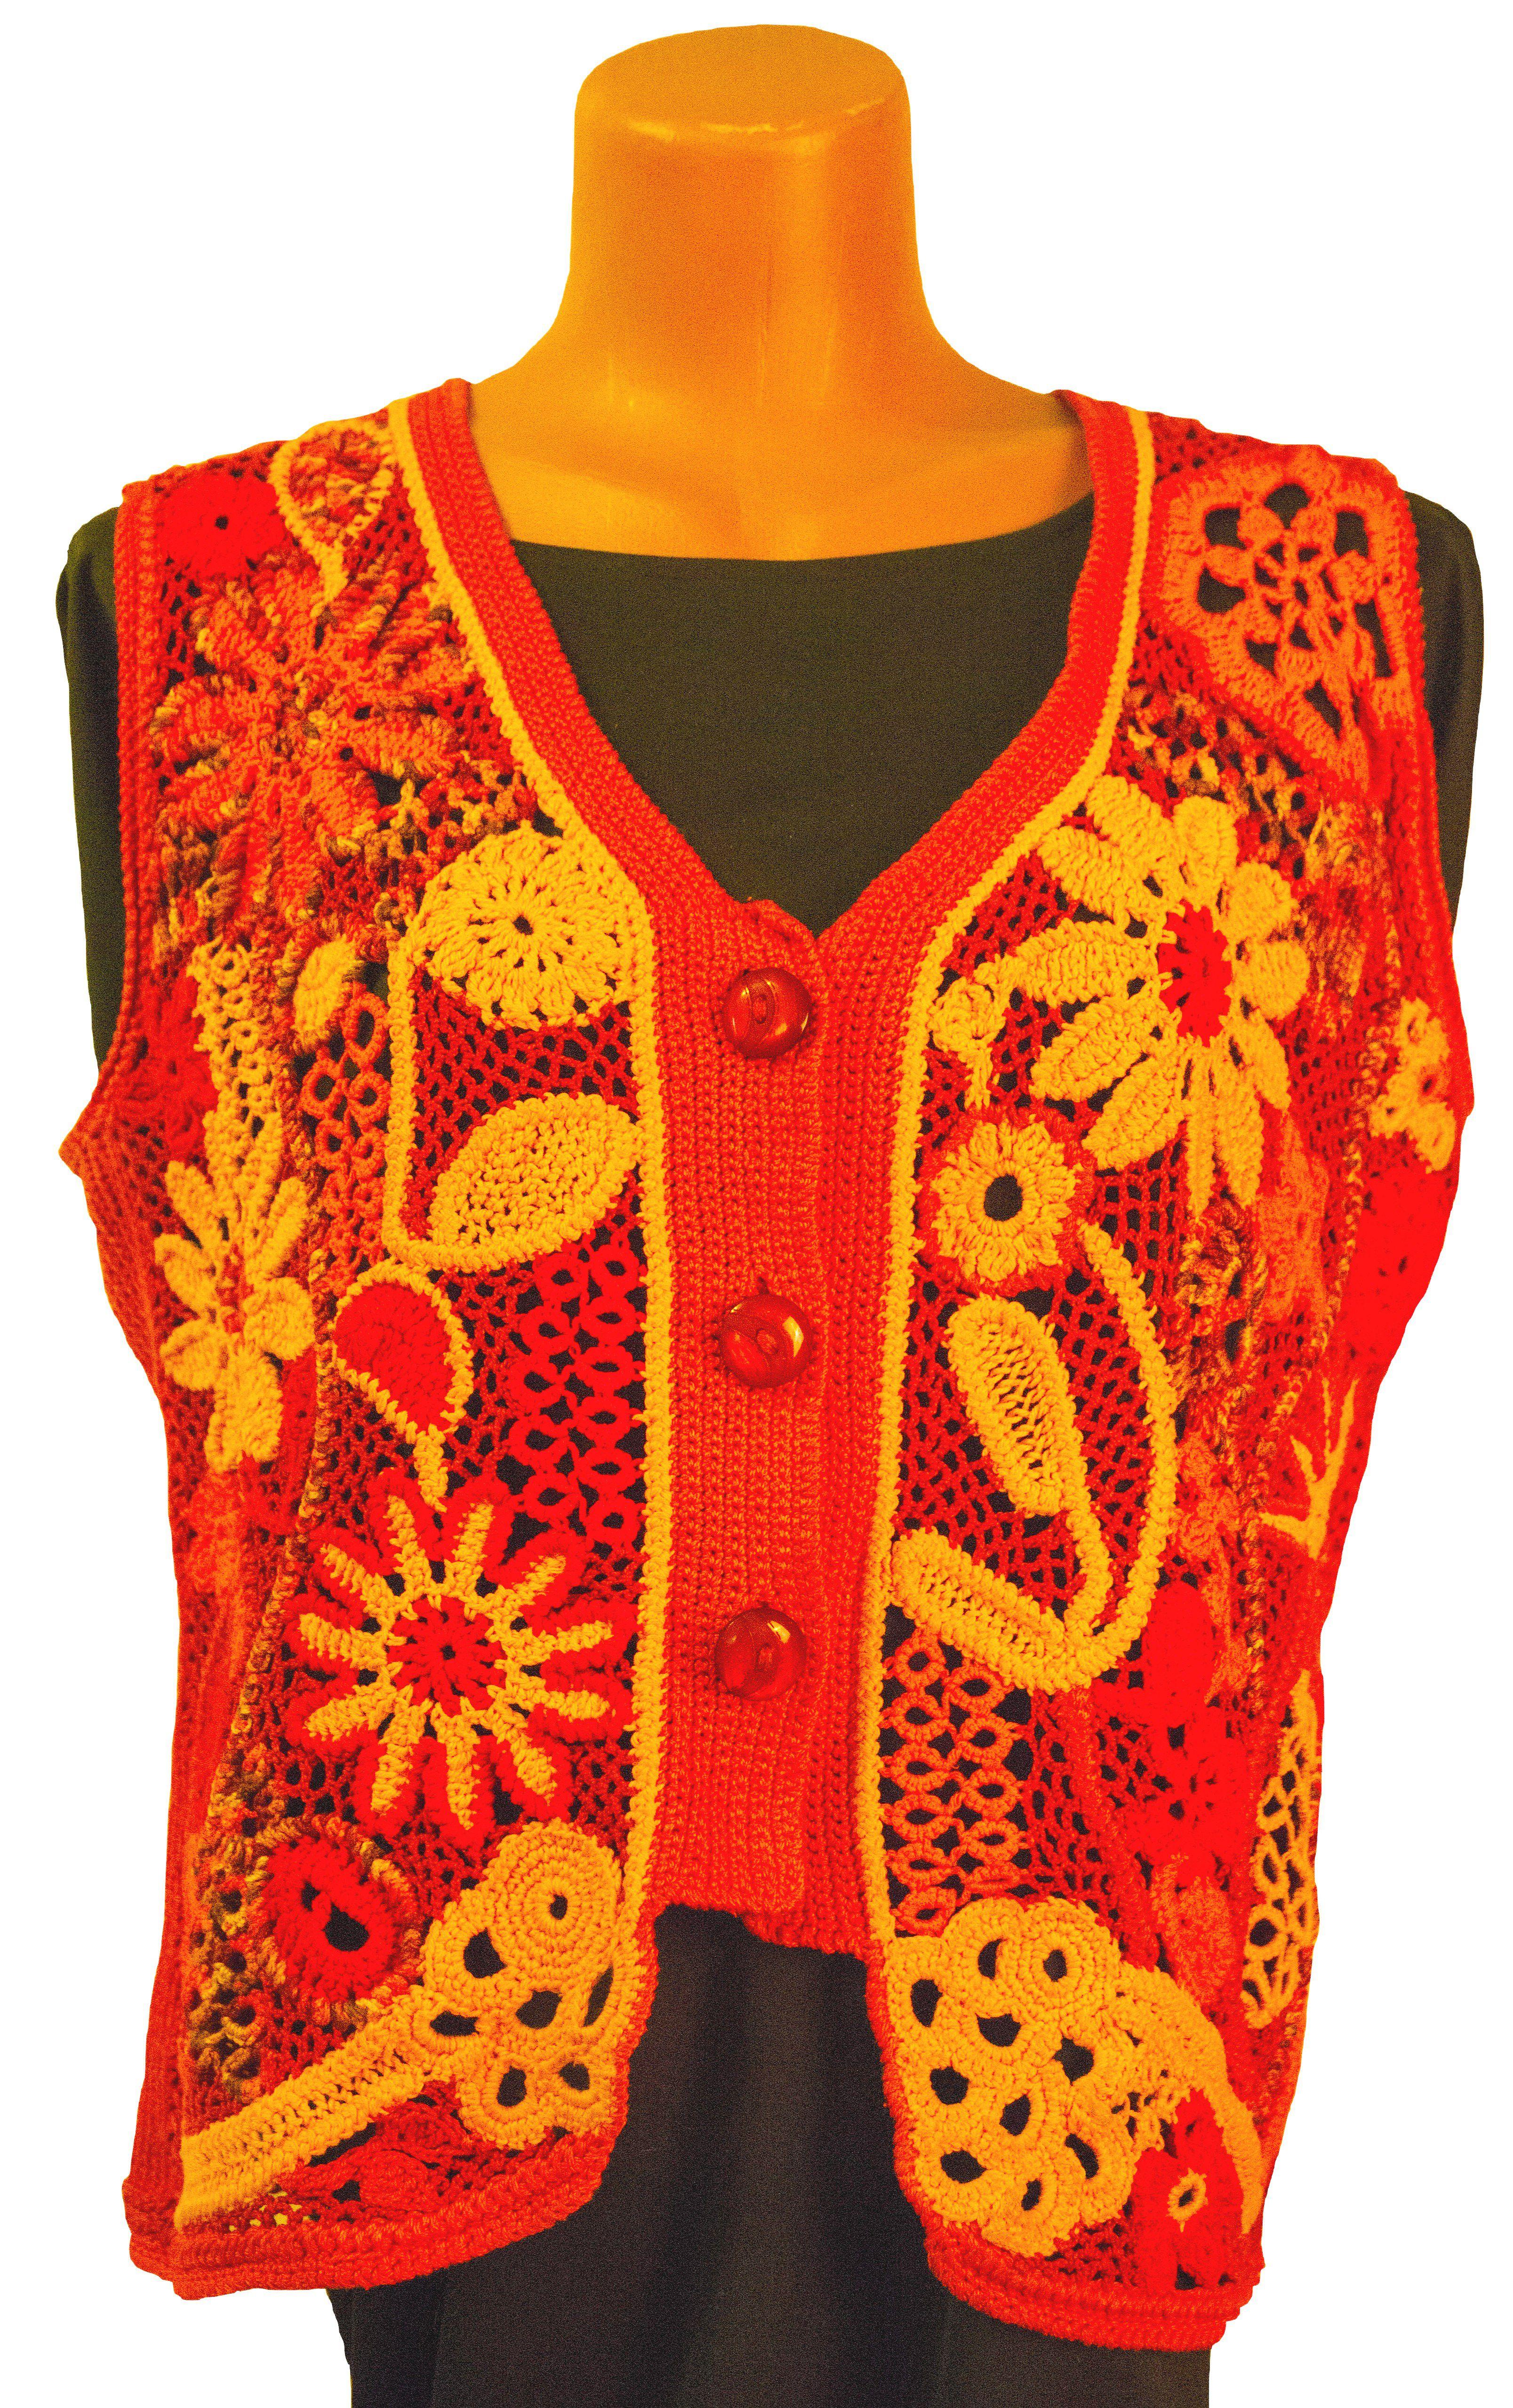 жилет-вязаный жилет-женский наборное-кружево авторская-ручная-работа авторский-дизайн цветочный фриволите